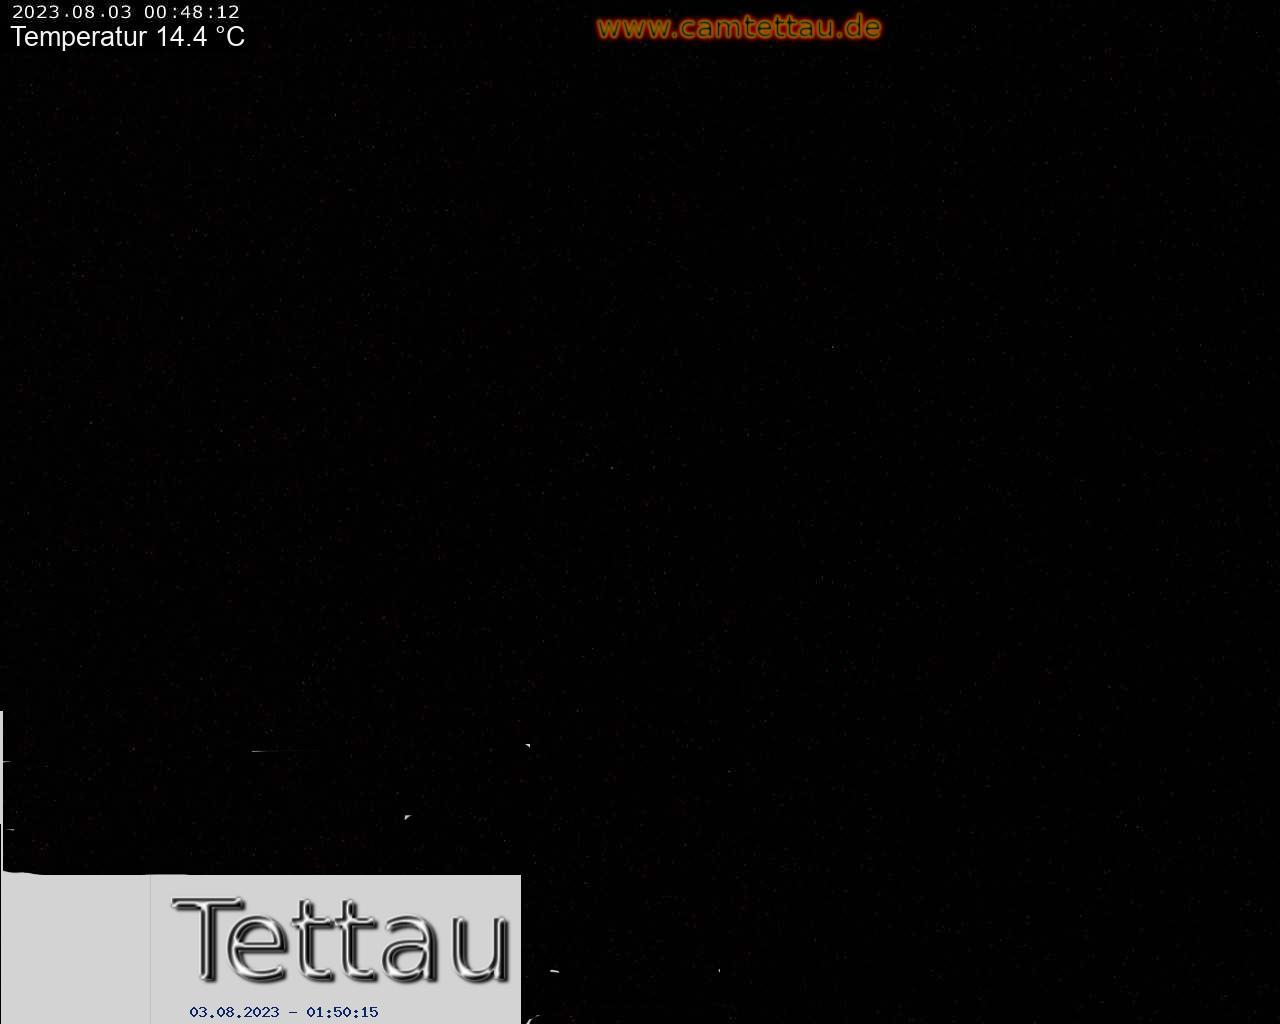 Tettau (Bavaria) Tue. 01:55